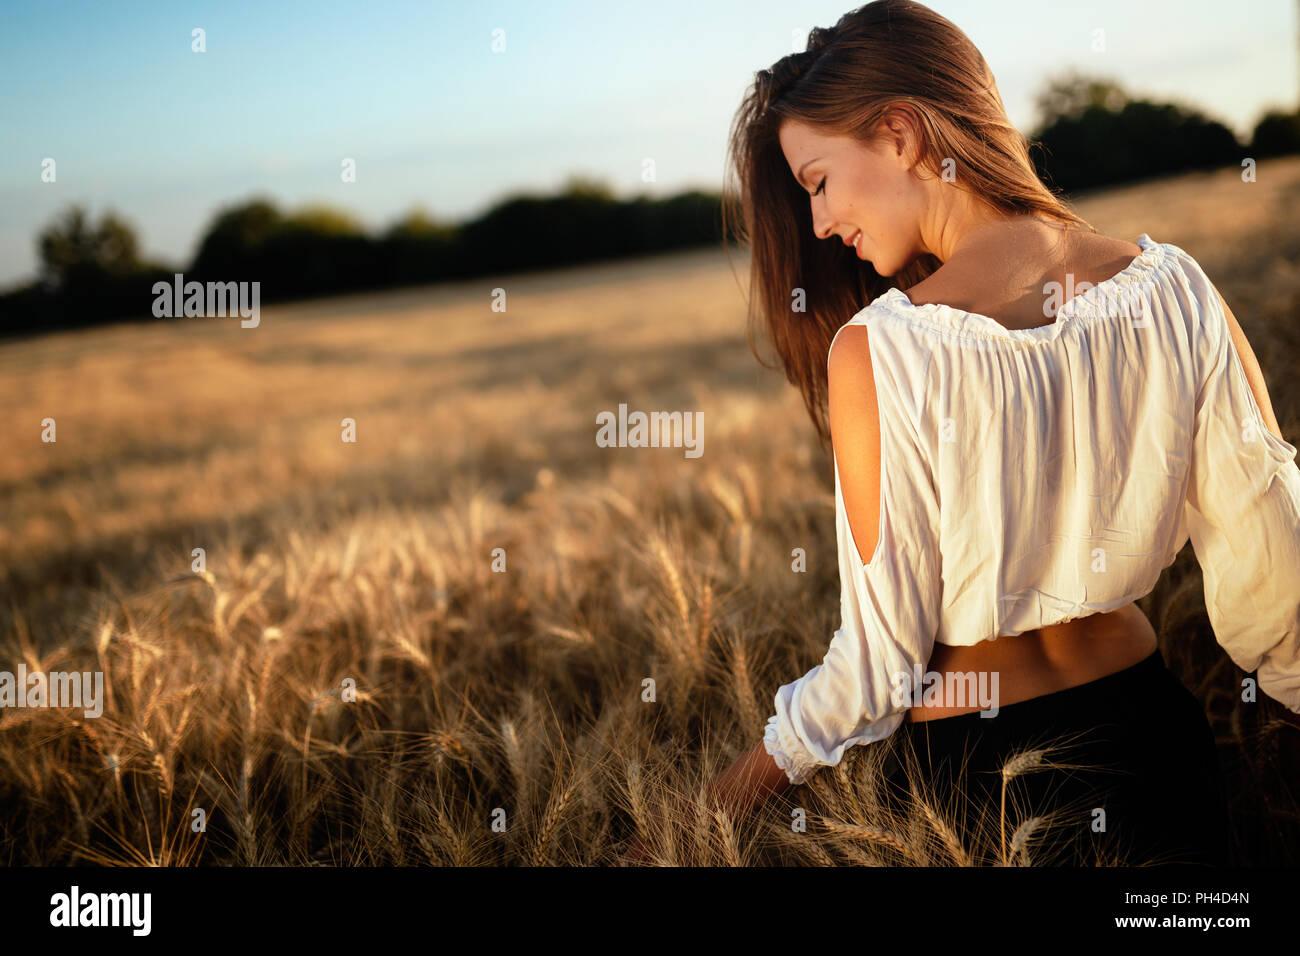 Joven Mujer hermosa pasar tiempo en la naturaleza Imagen De Stock